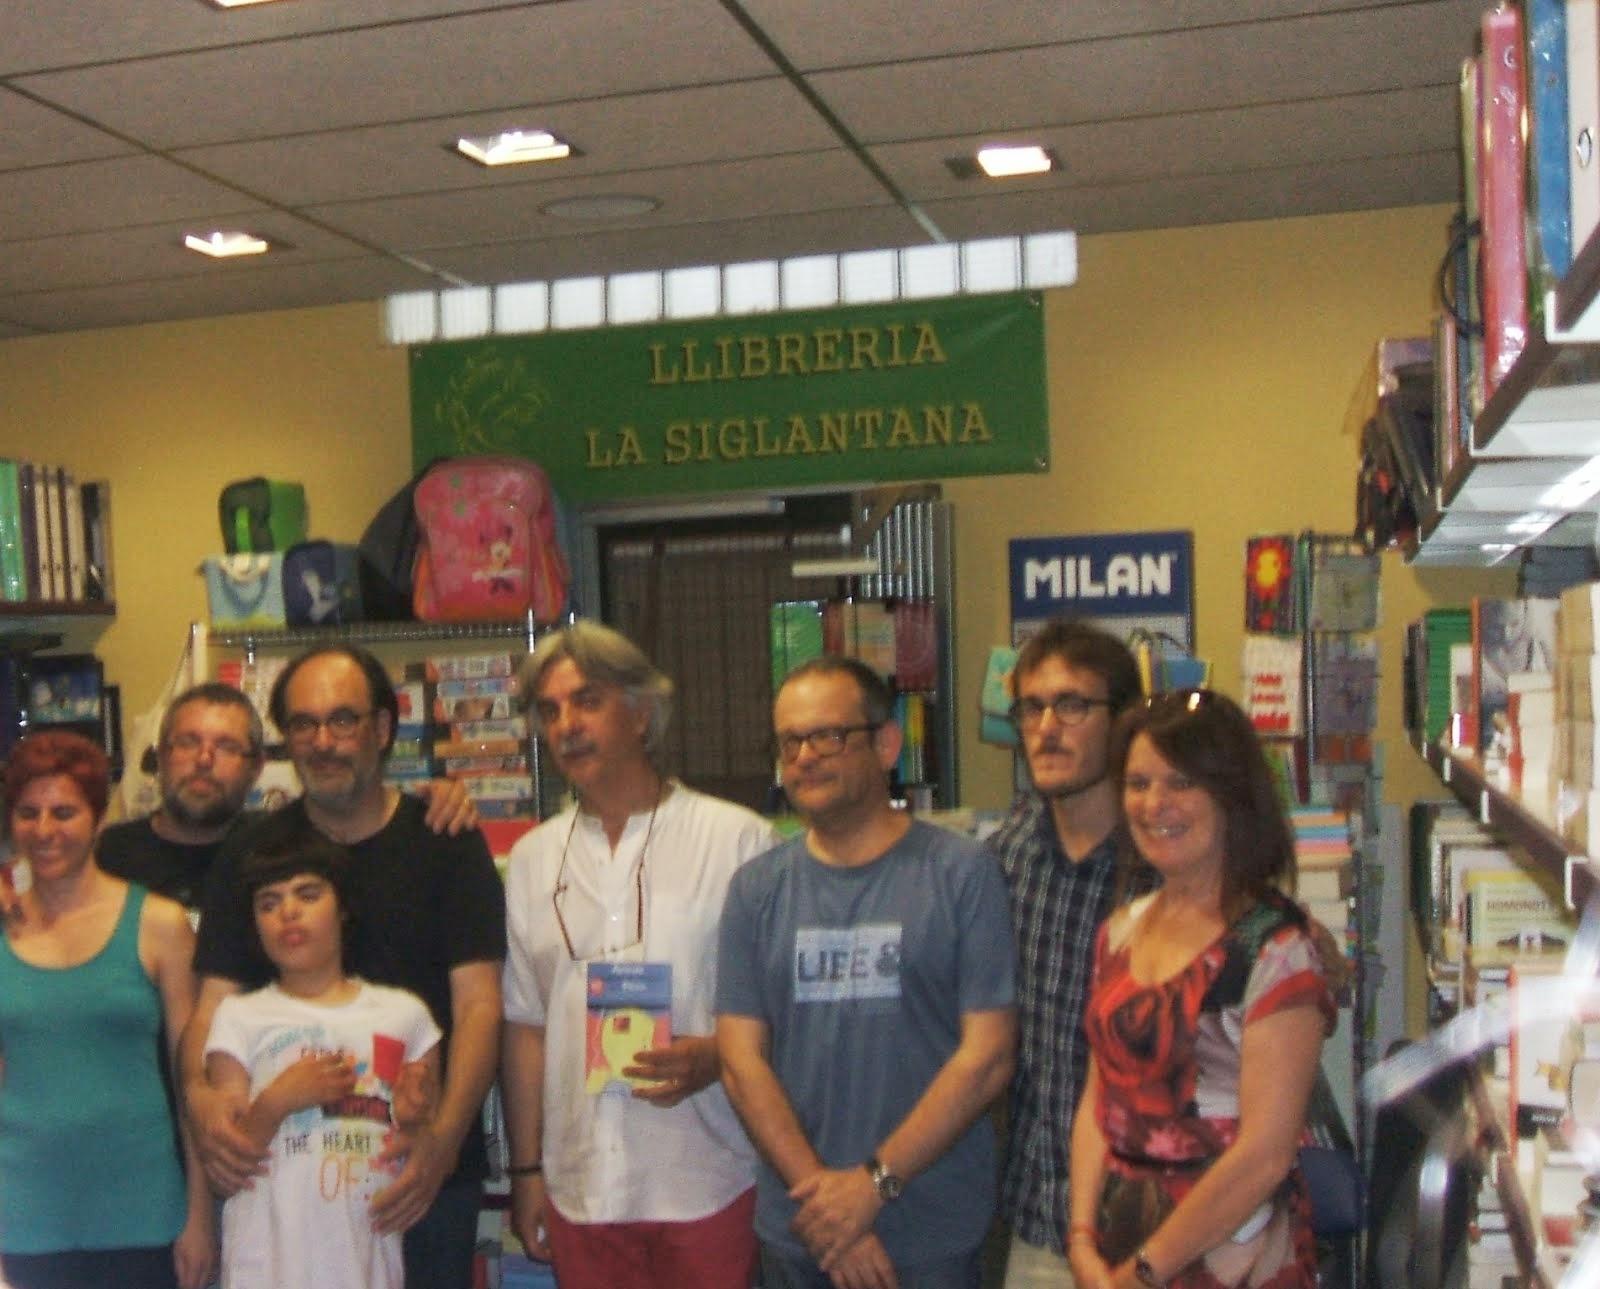 A llibreria La Siglantana 21 de juny 14